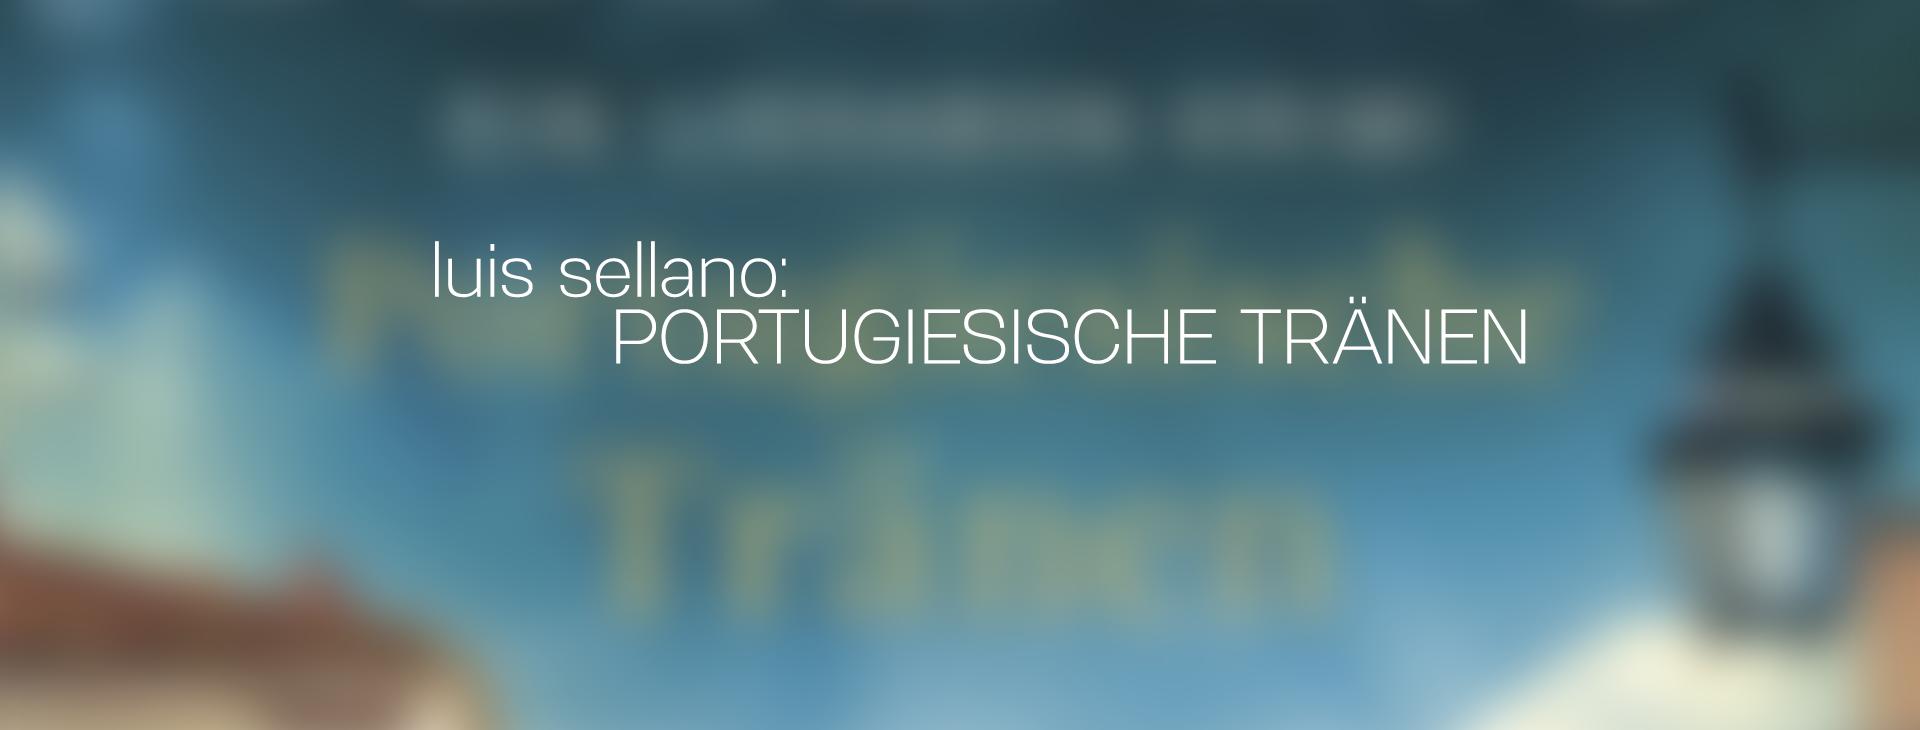 luis sellano portugiesische traenen_header